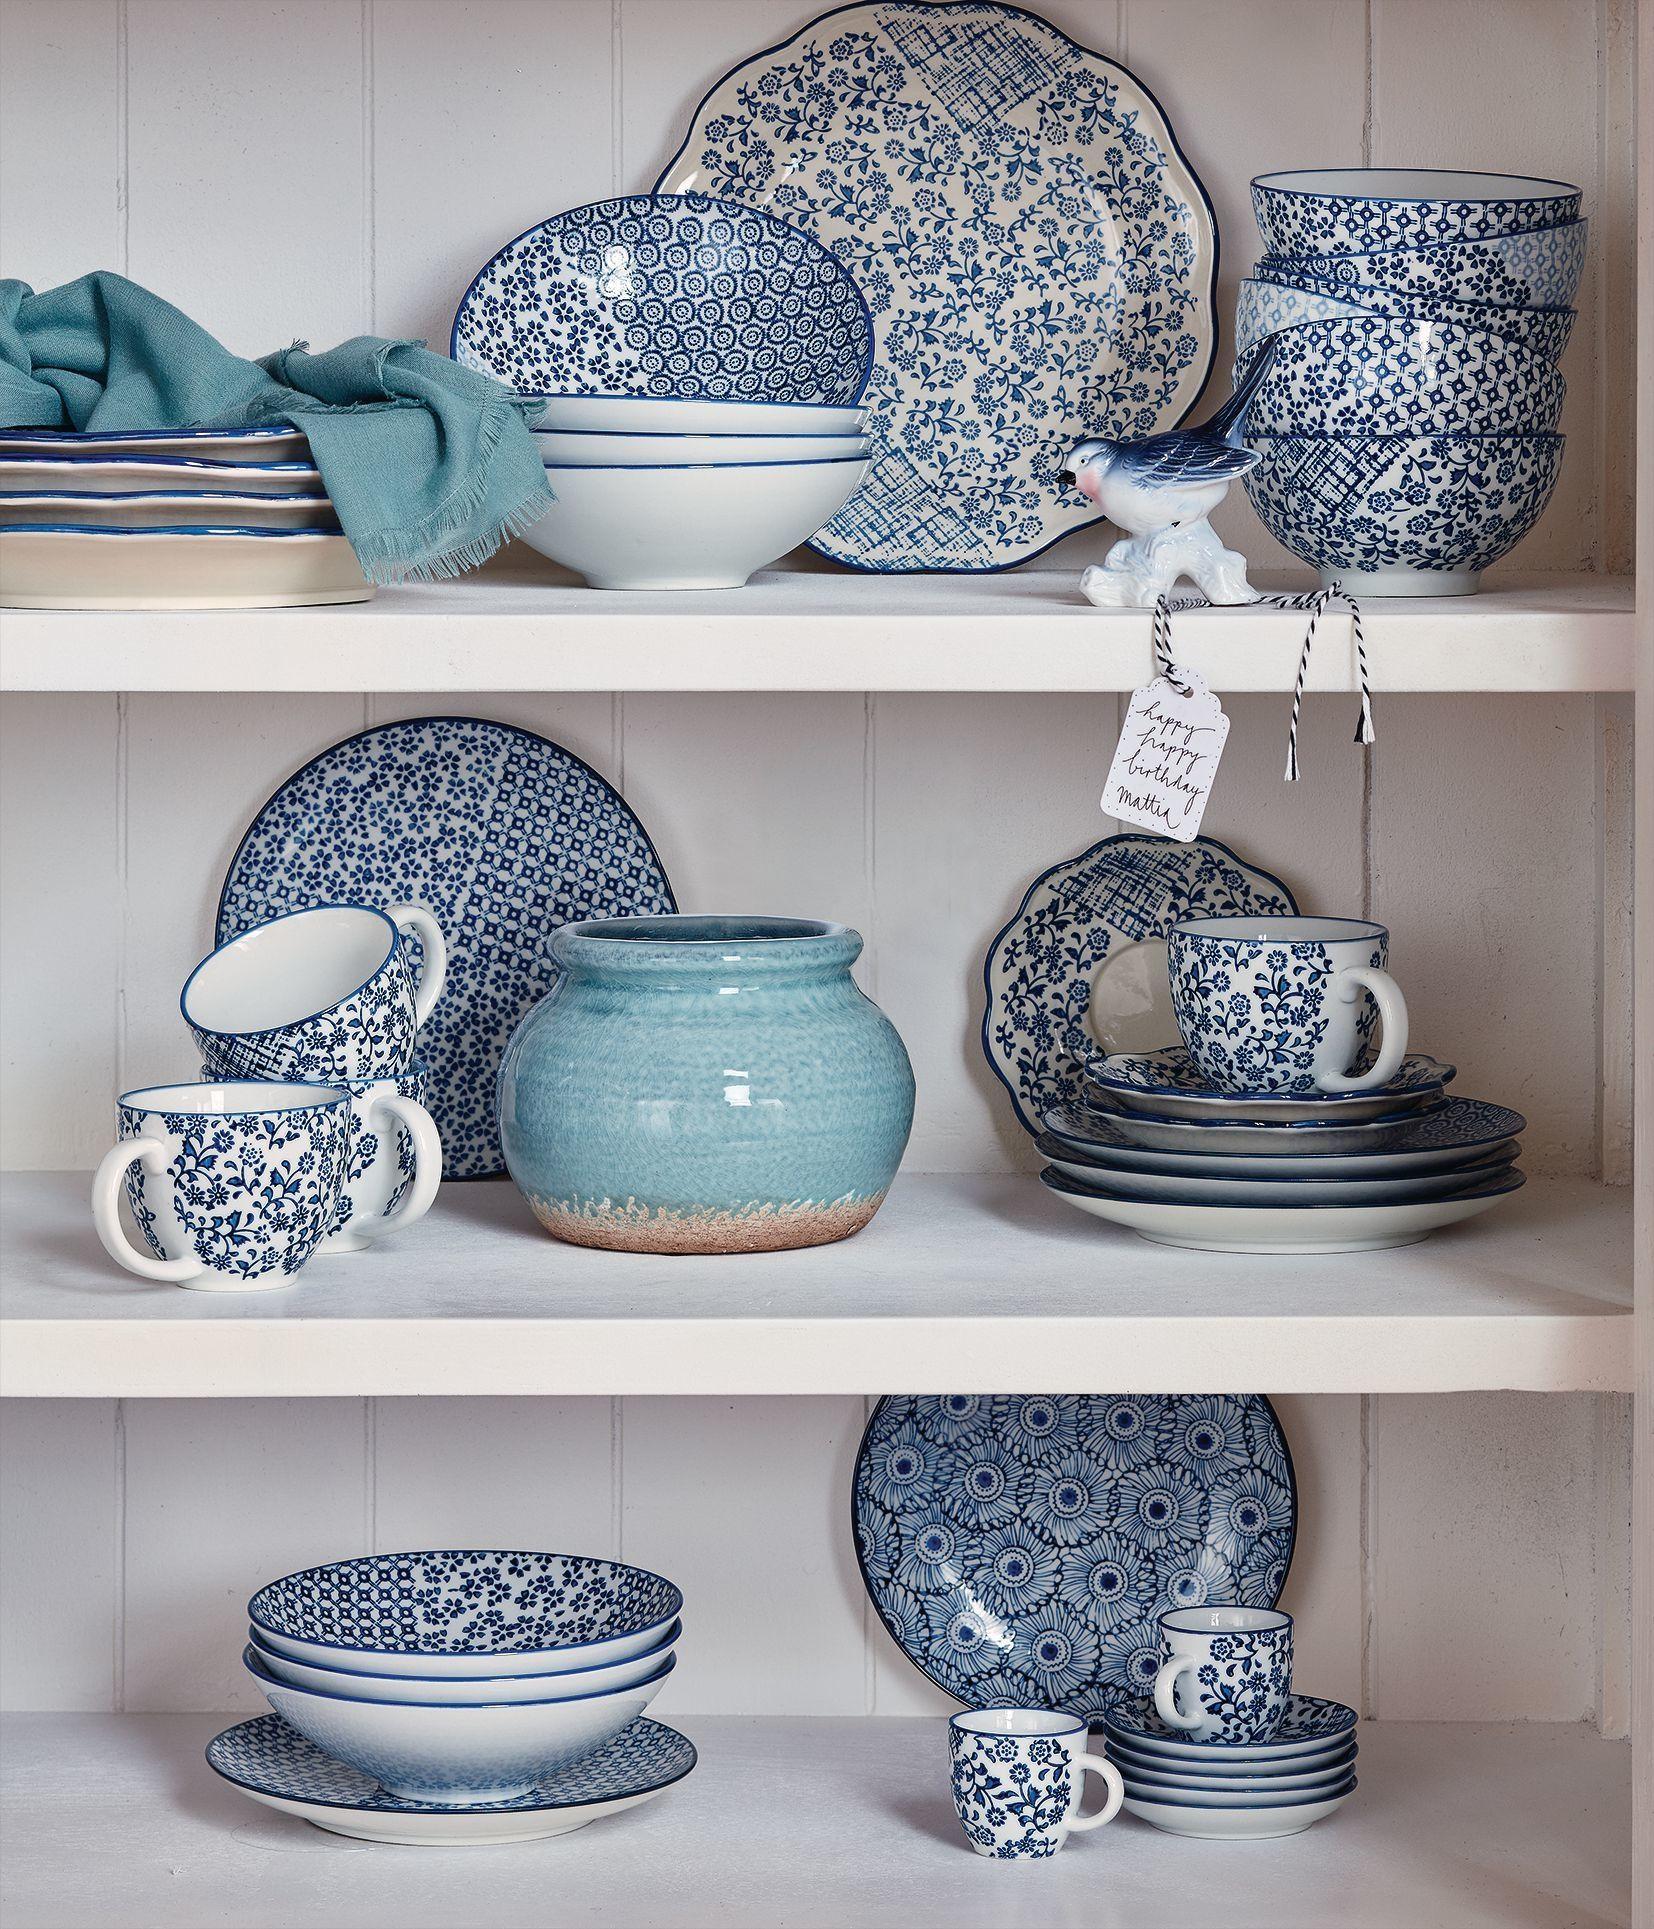 frisch gemischt traditionelle porzellanmuster in wei und blau mit je sechs tassen. Black Bedroom Furniture Sets. Home Design Ideas